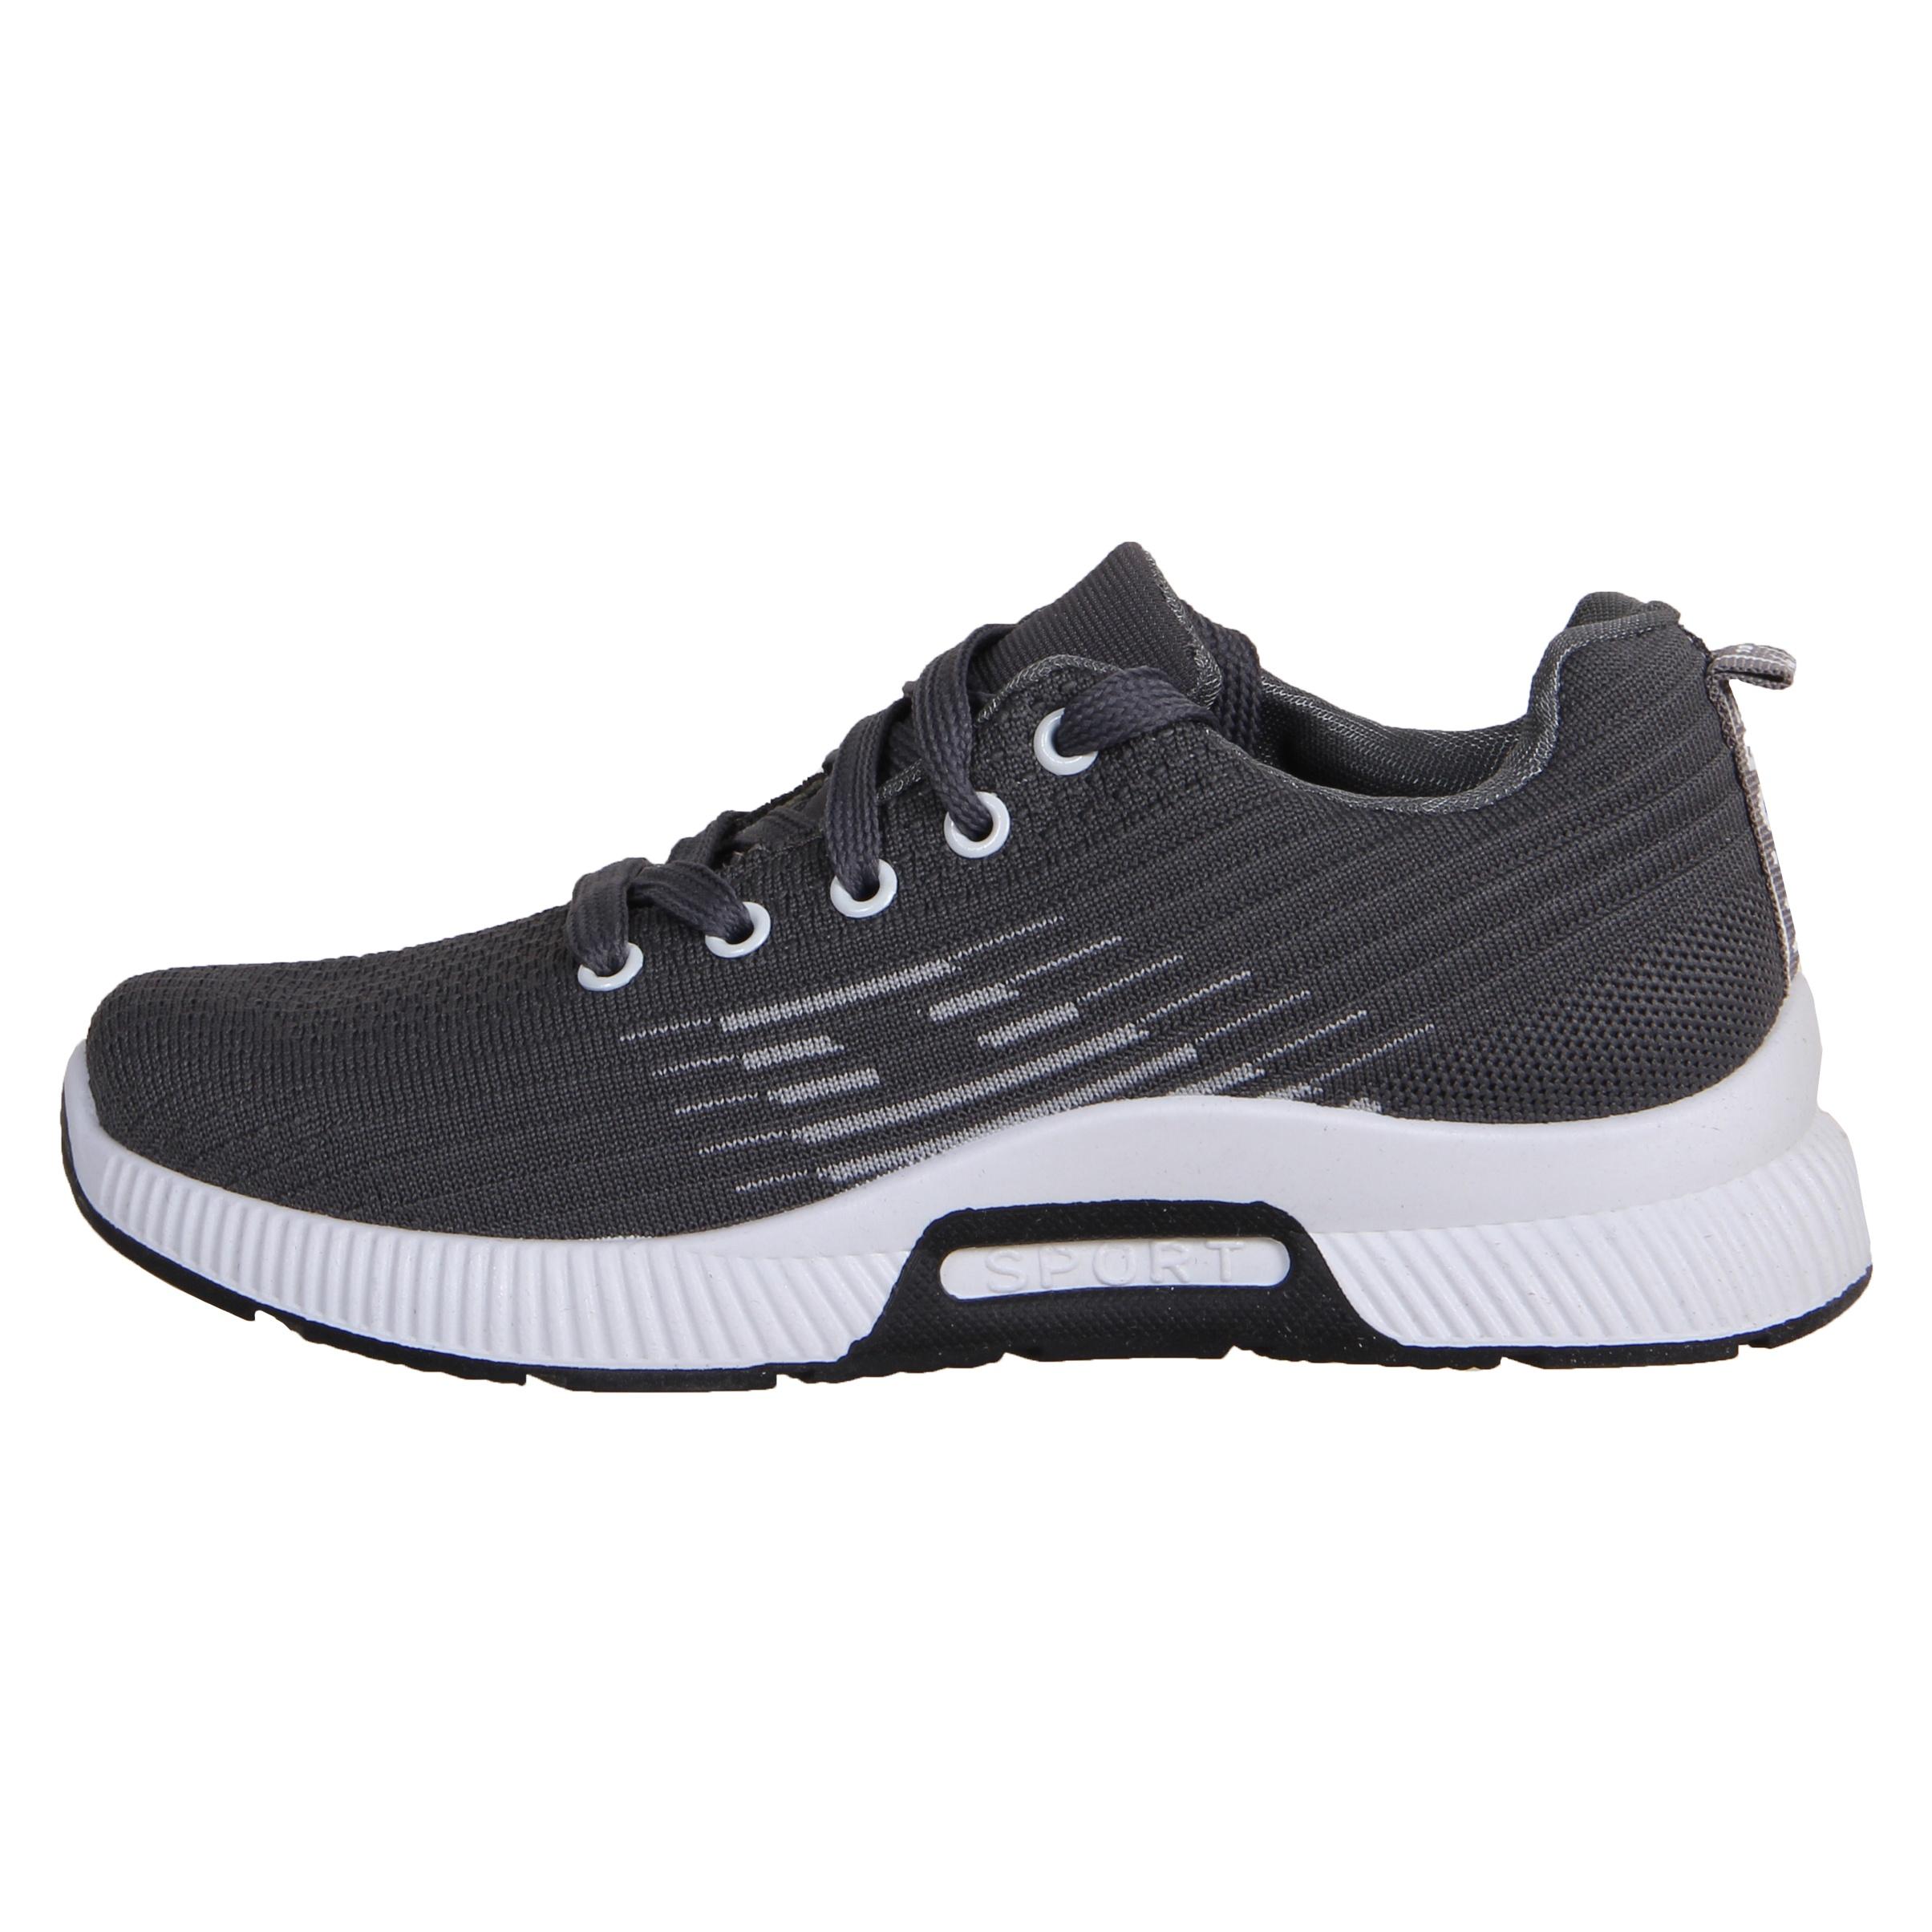 کفش مخصوص پیاده روی زنانه کد 15-209